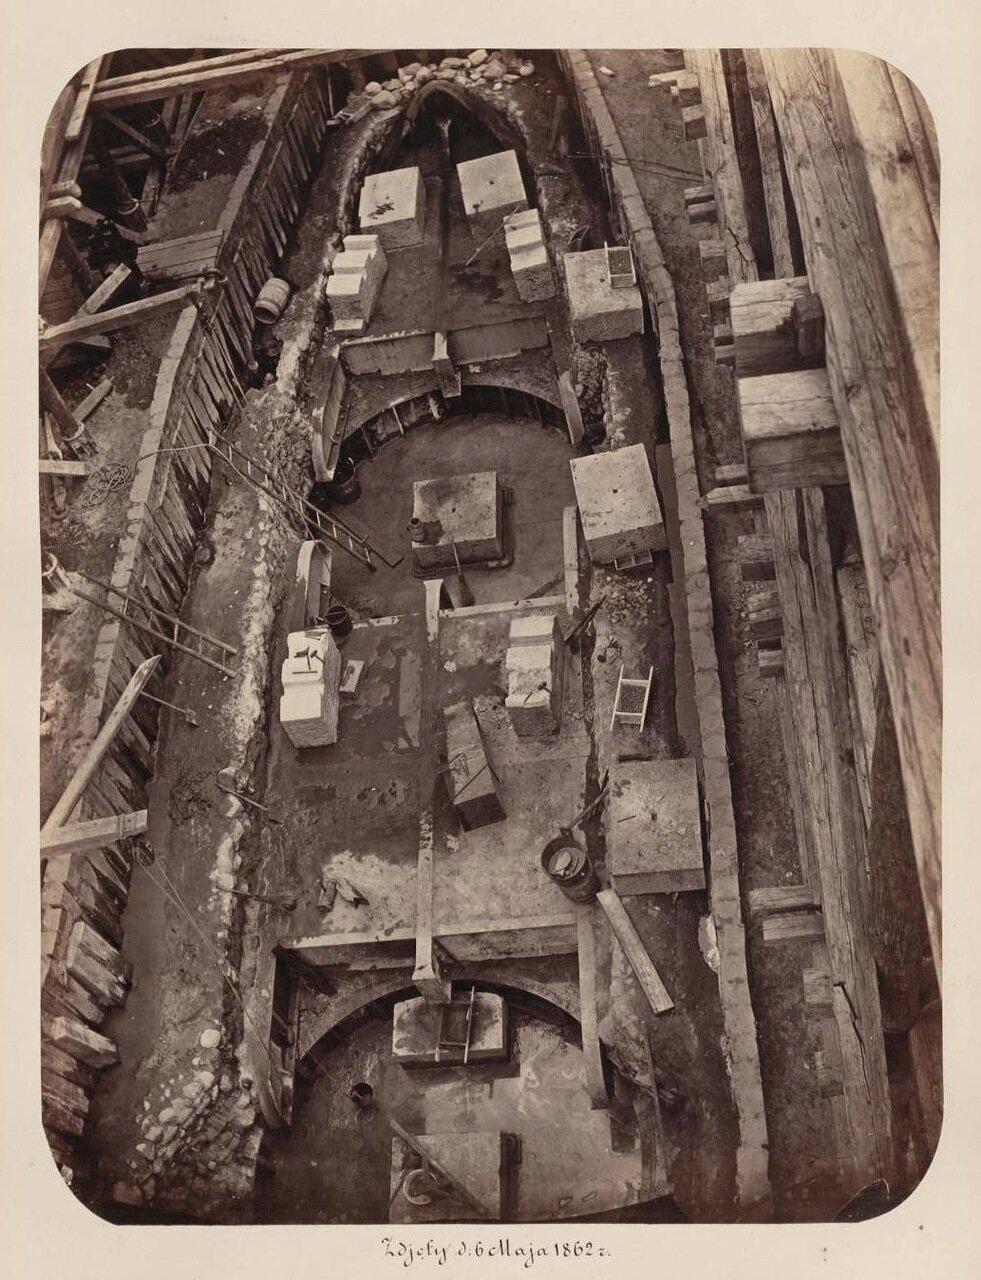 Строительство фундамента для одной из опор. 26 мая 1862